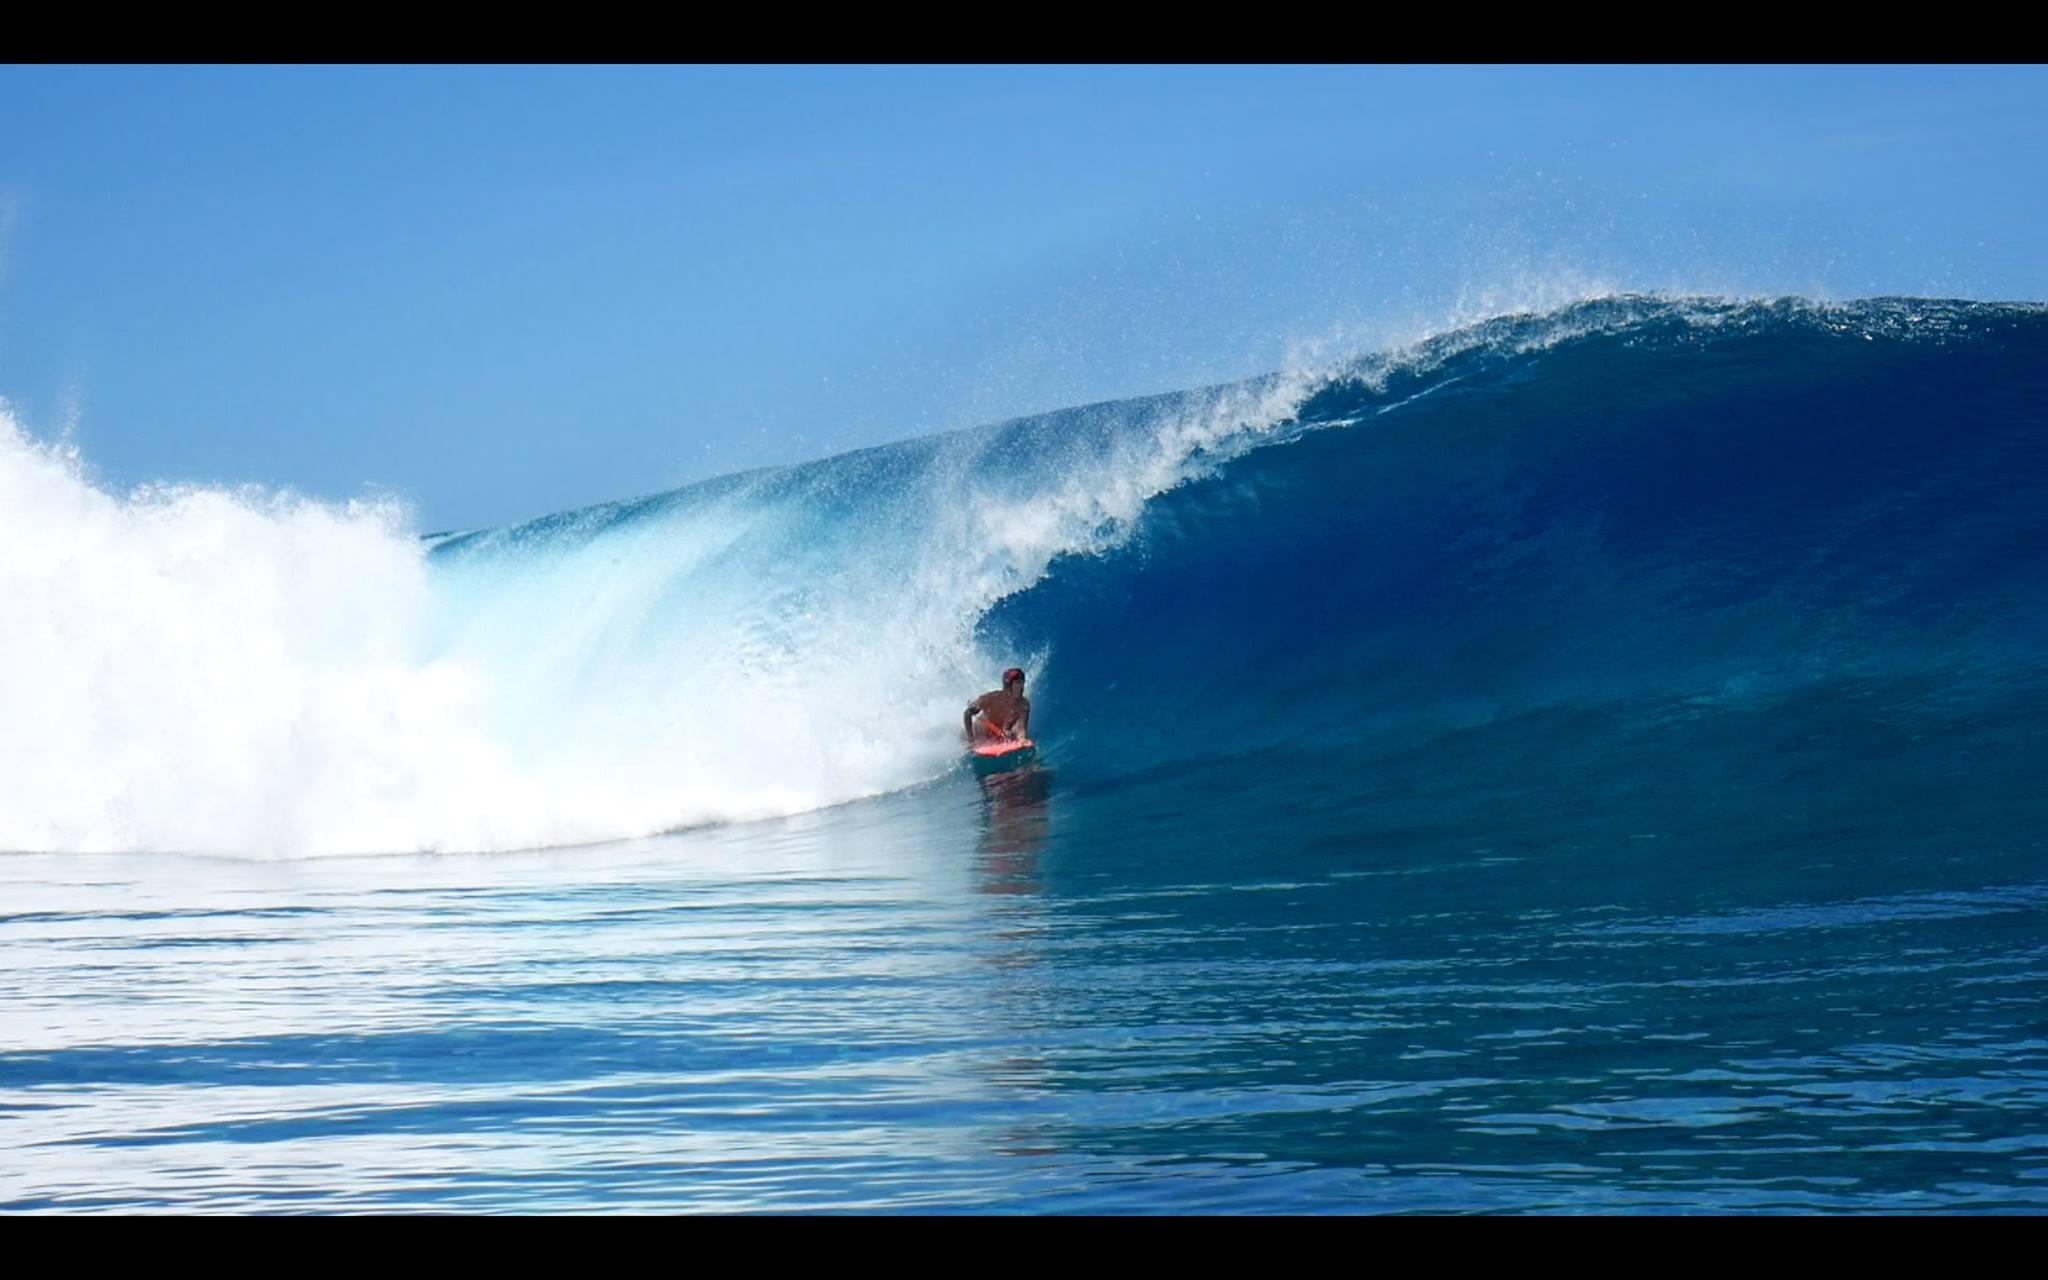 Facundo a réalisé un de ses rêves, surfer Teahupo'o